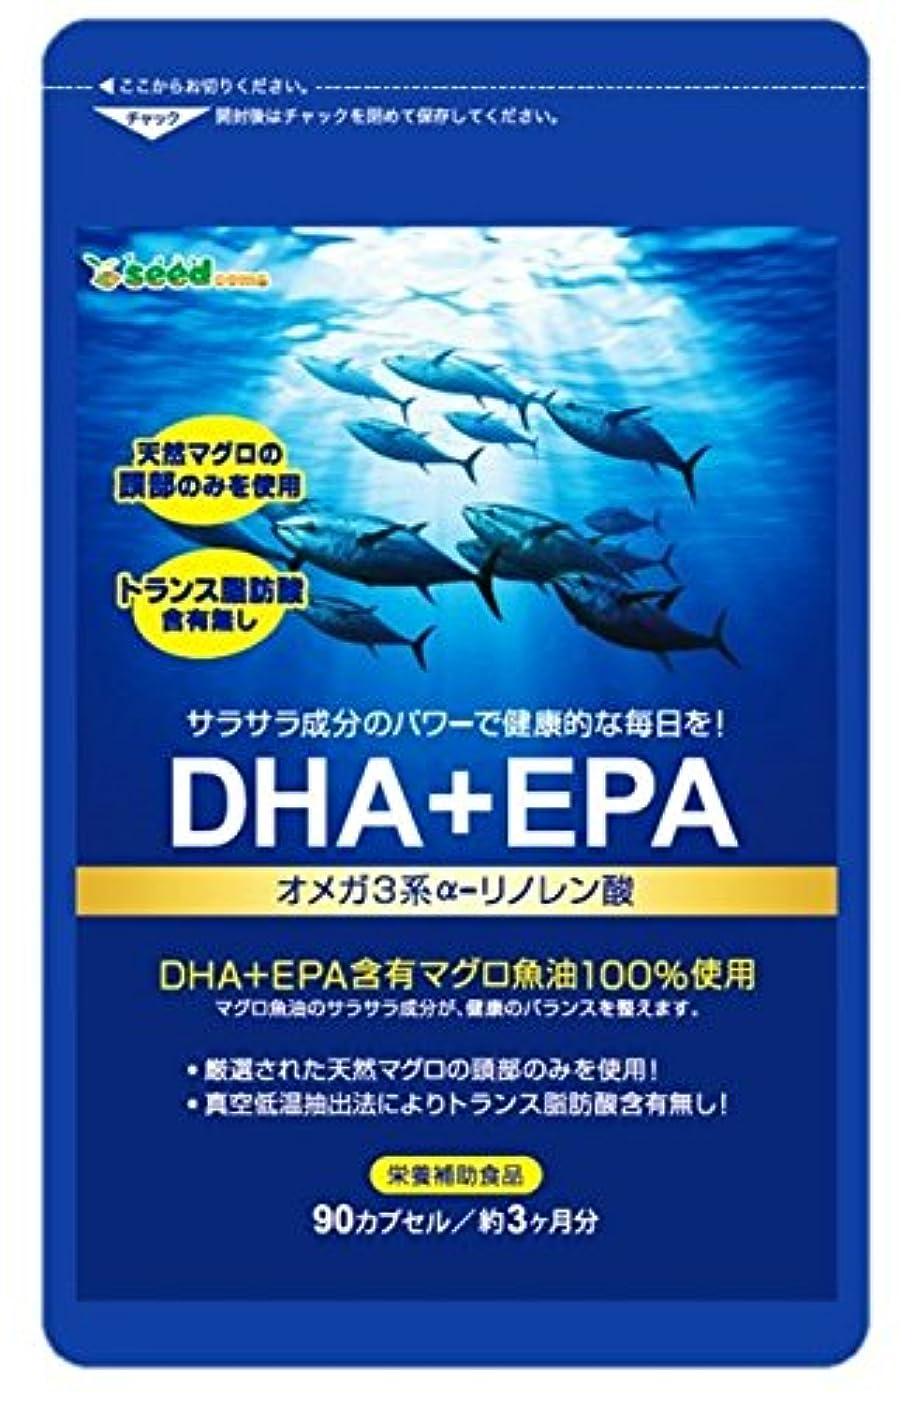 看板シェトランド諸島欺【 seedcoms シードコムス 公式 】DHA + EPA 約3ヶ月分/90粒 (オメガ系 α-リノレン酸) ビンチョウマグロの頭部のみを贅沢に使用!トランス脂肪酸 0mg